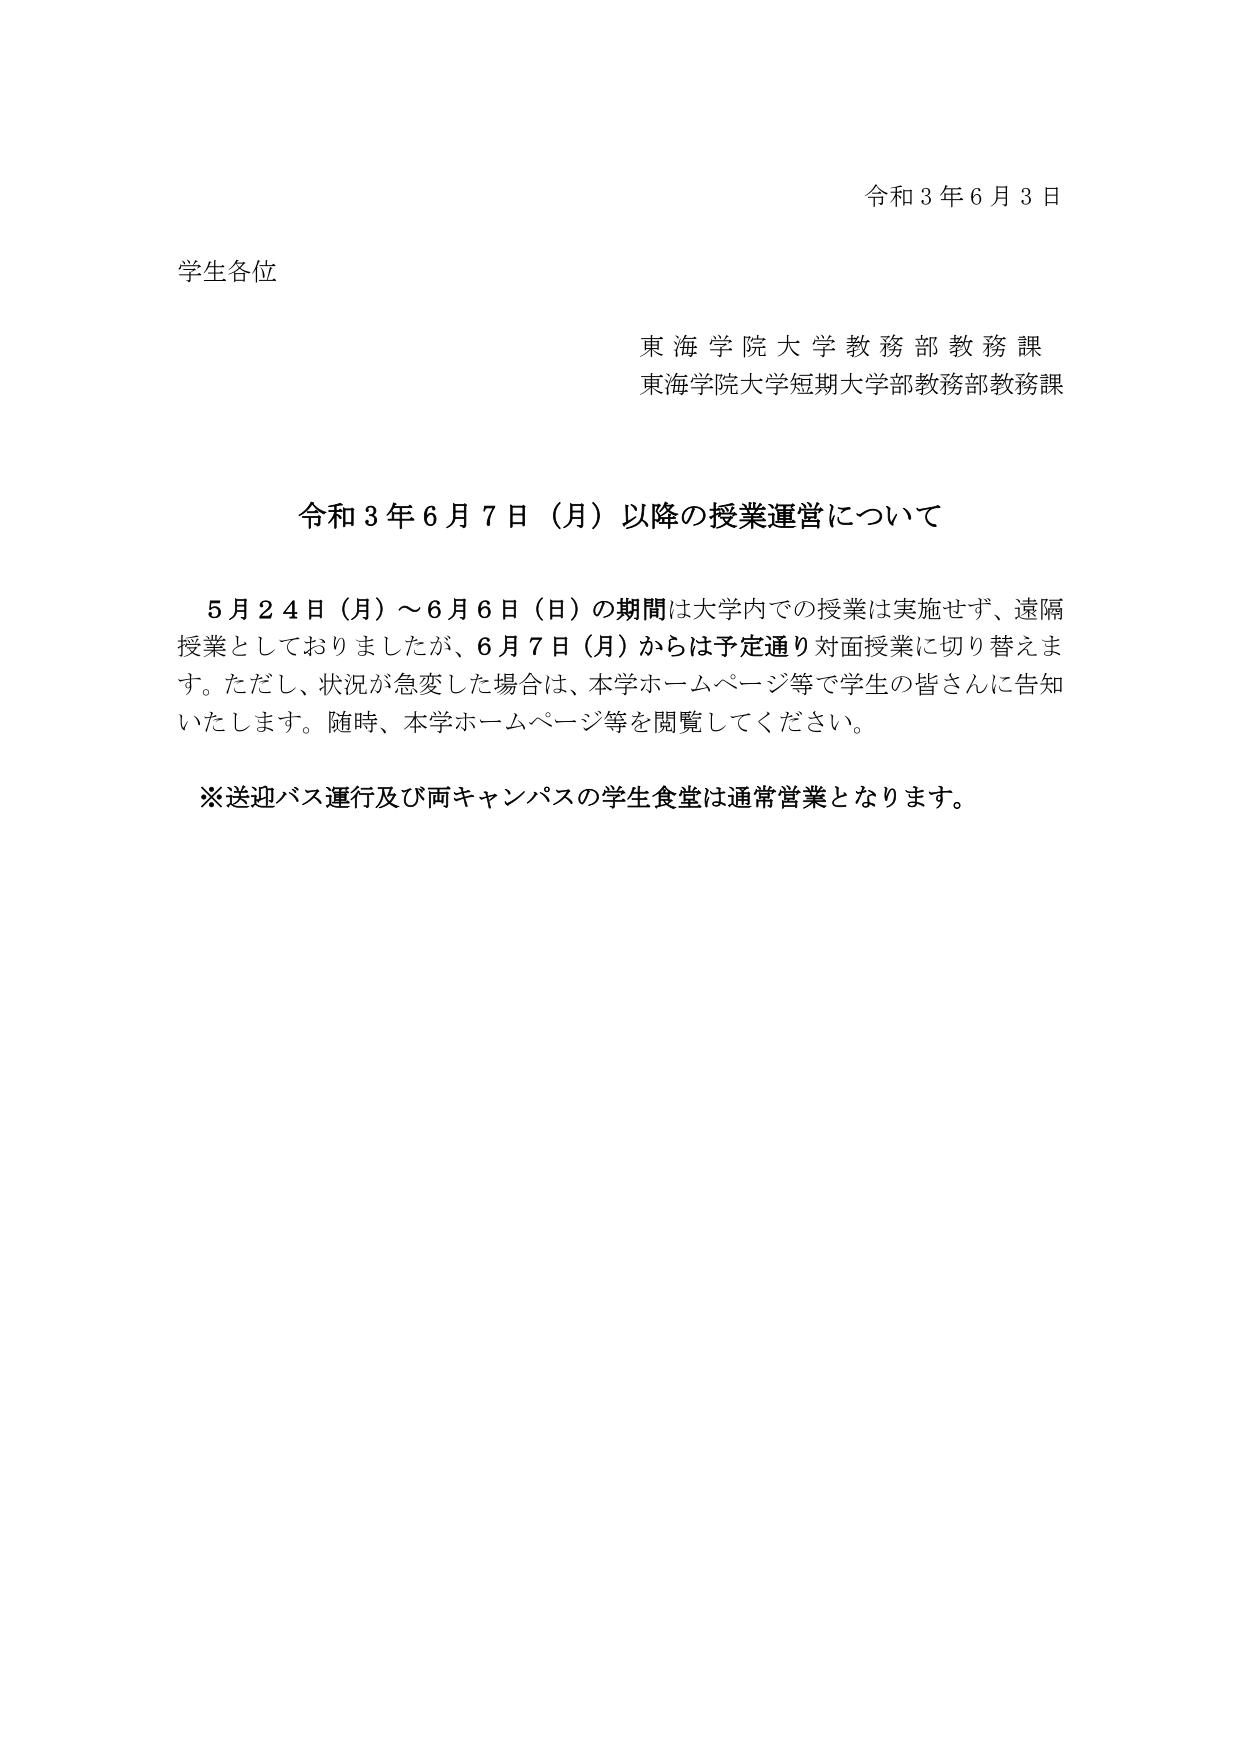 【重要なお知らせ】6/7~の授業運営について_page-0001